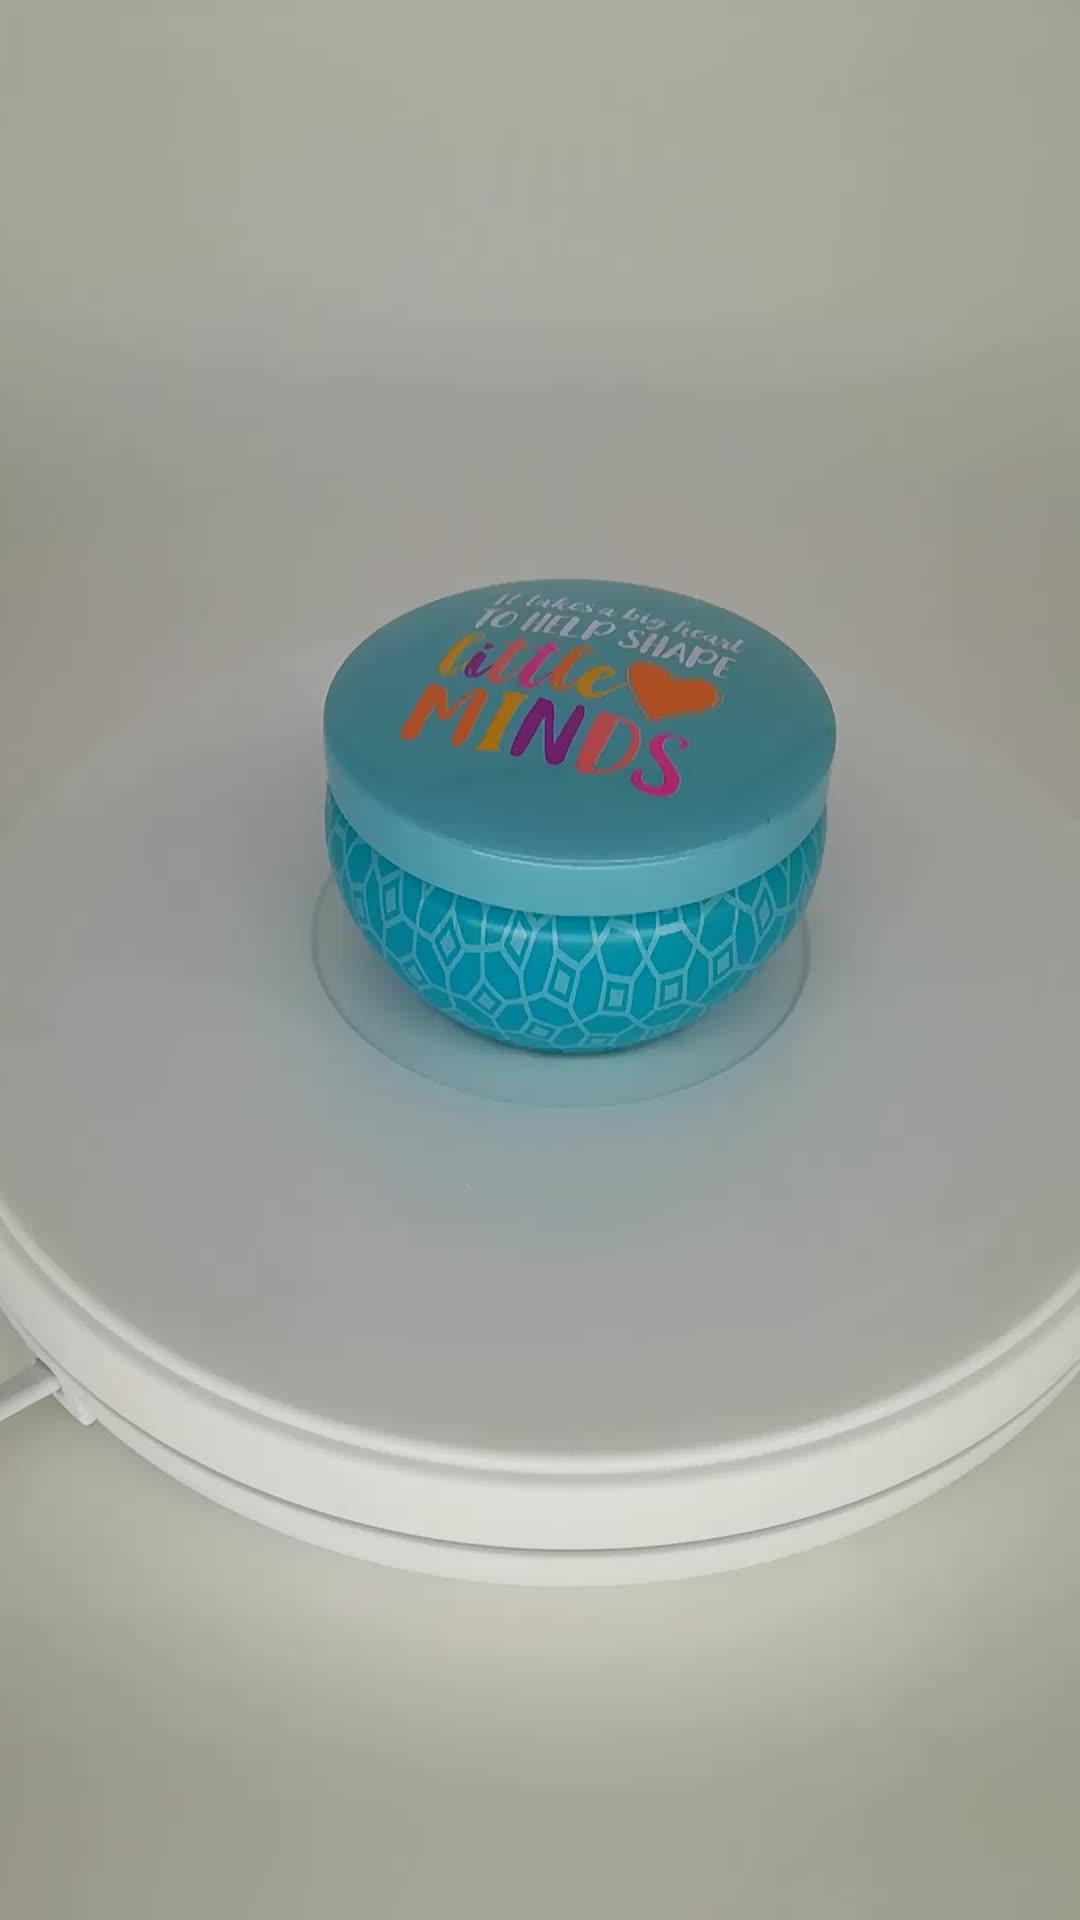 异形糖果铁盒生产厂家 干果铁盒子 异形精美礼品铁盒生产厂家